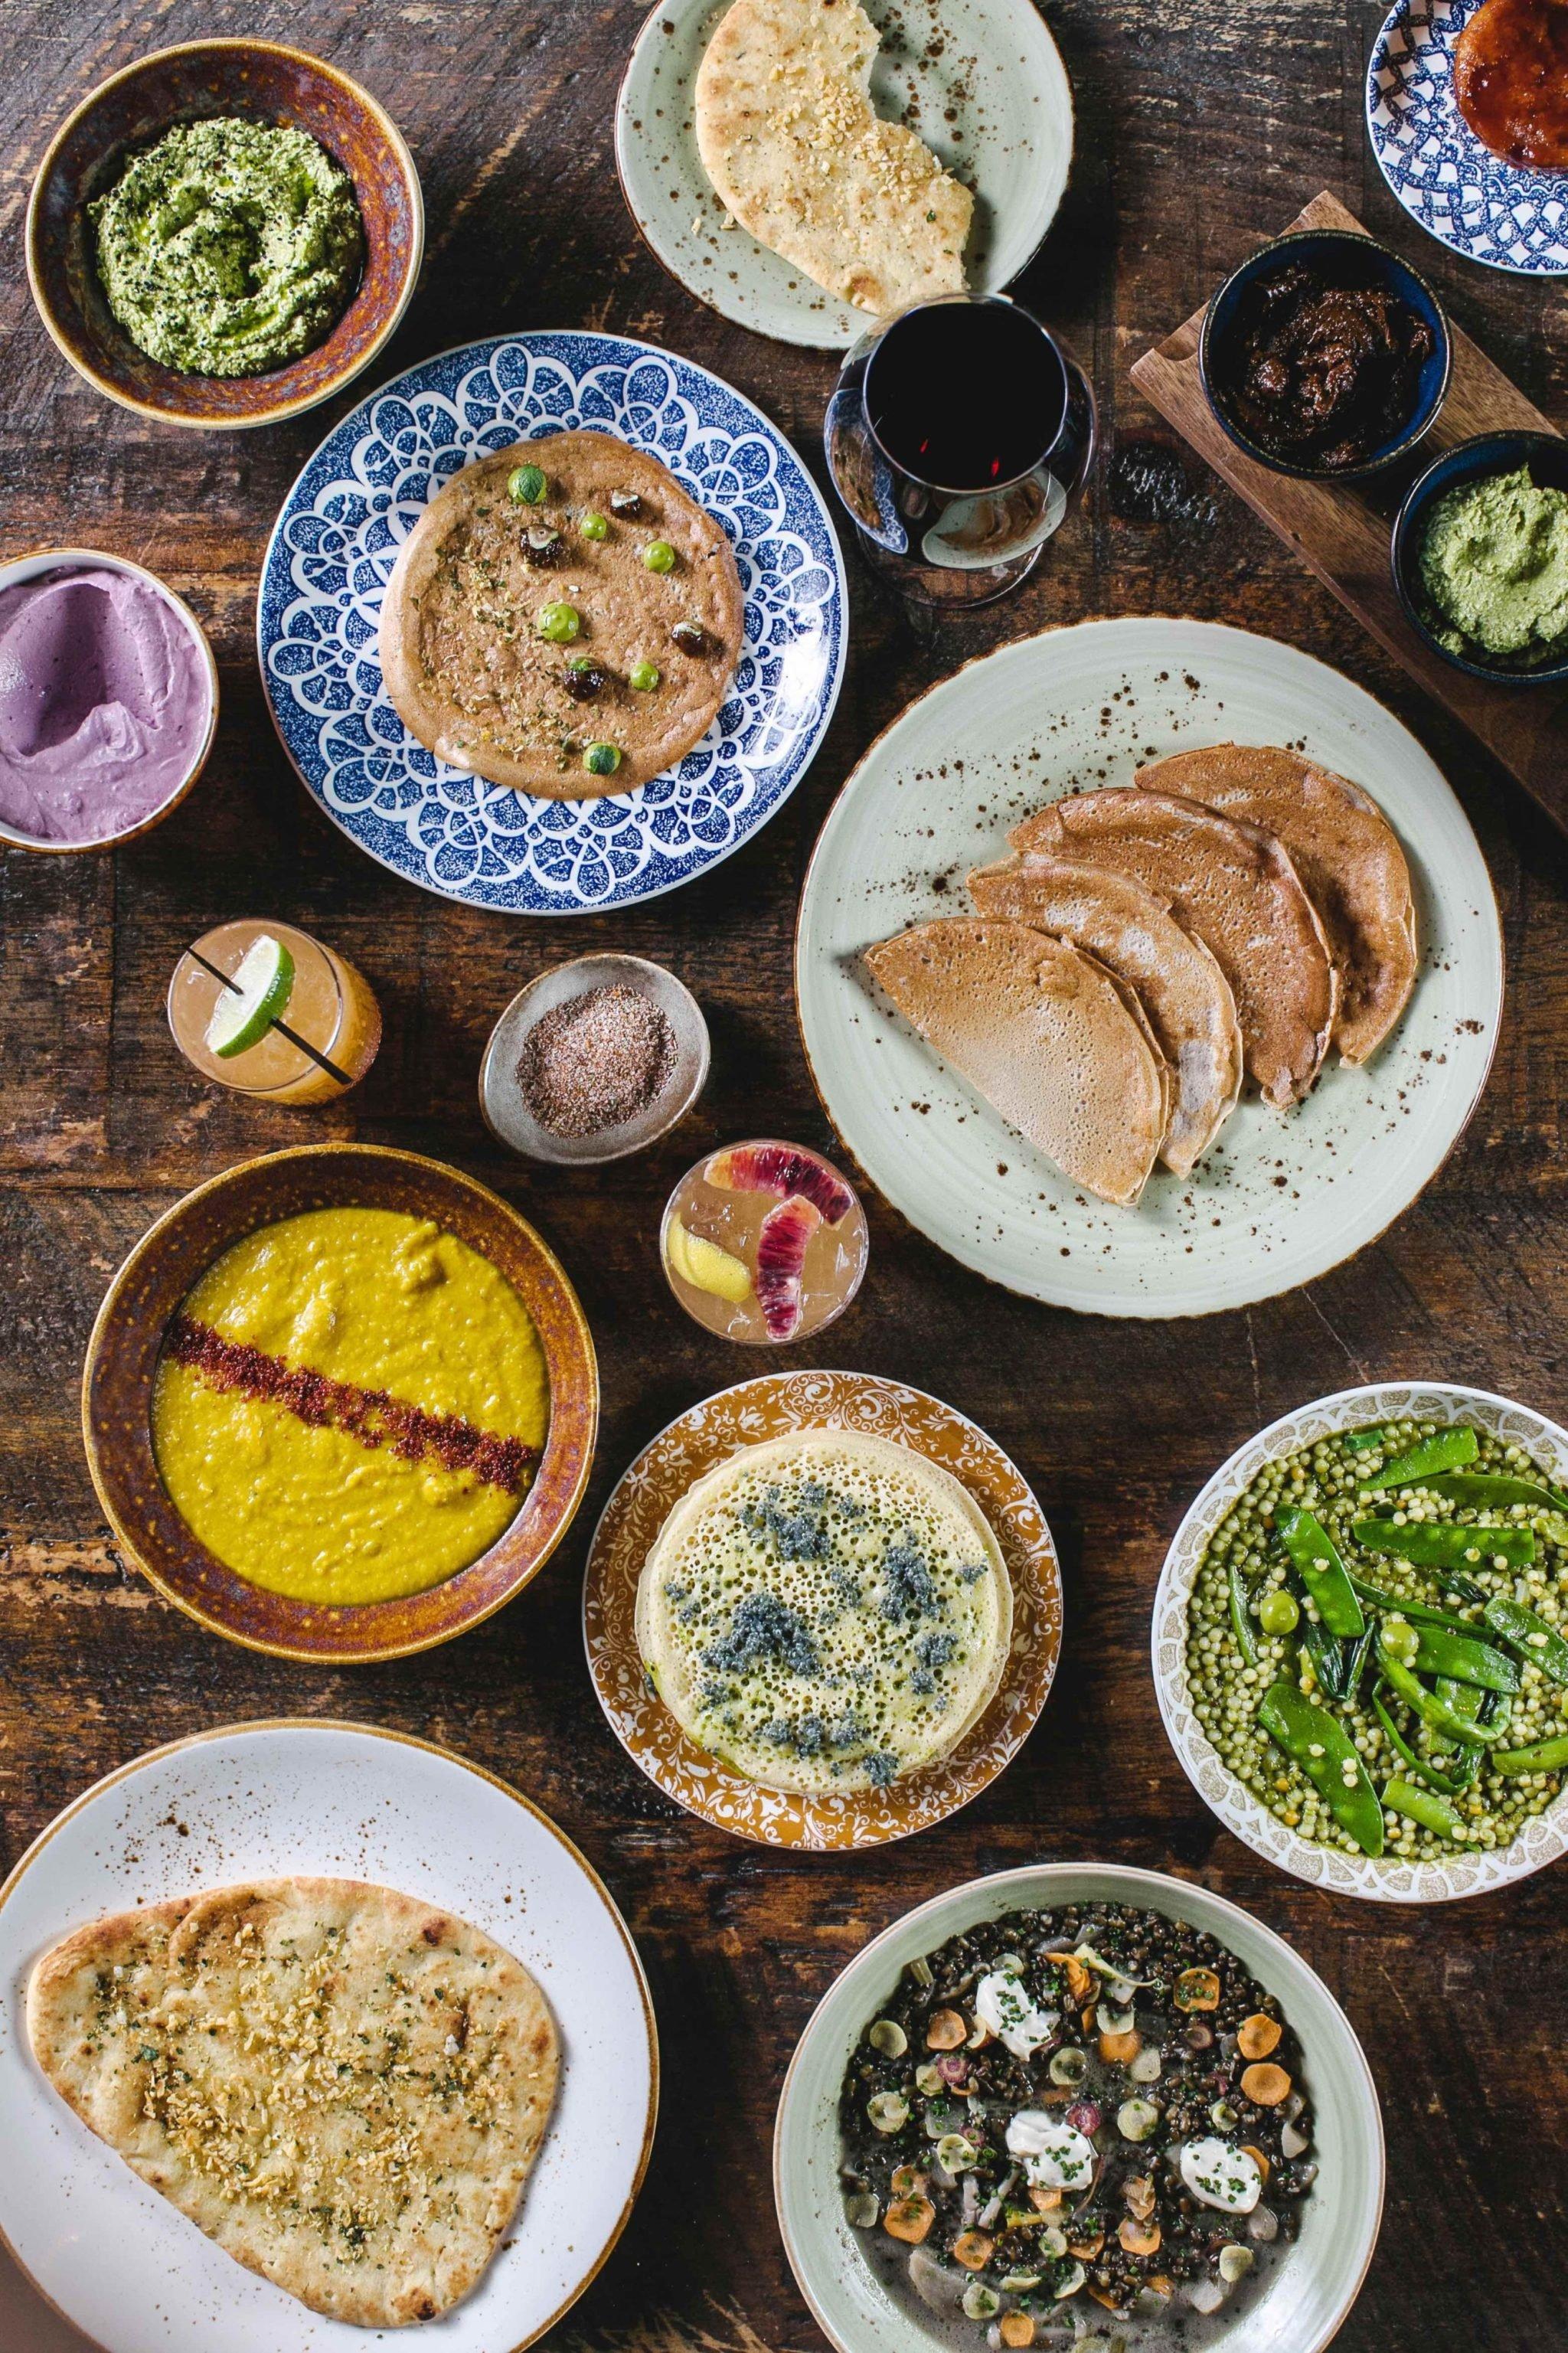 Photo courtesy of Gypsy Kitchen.